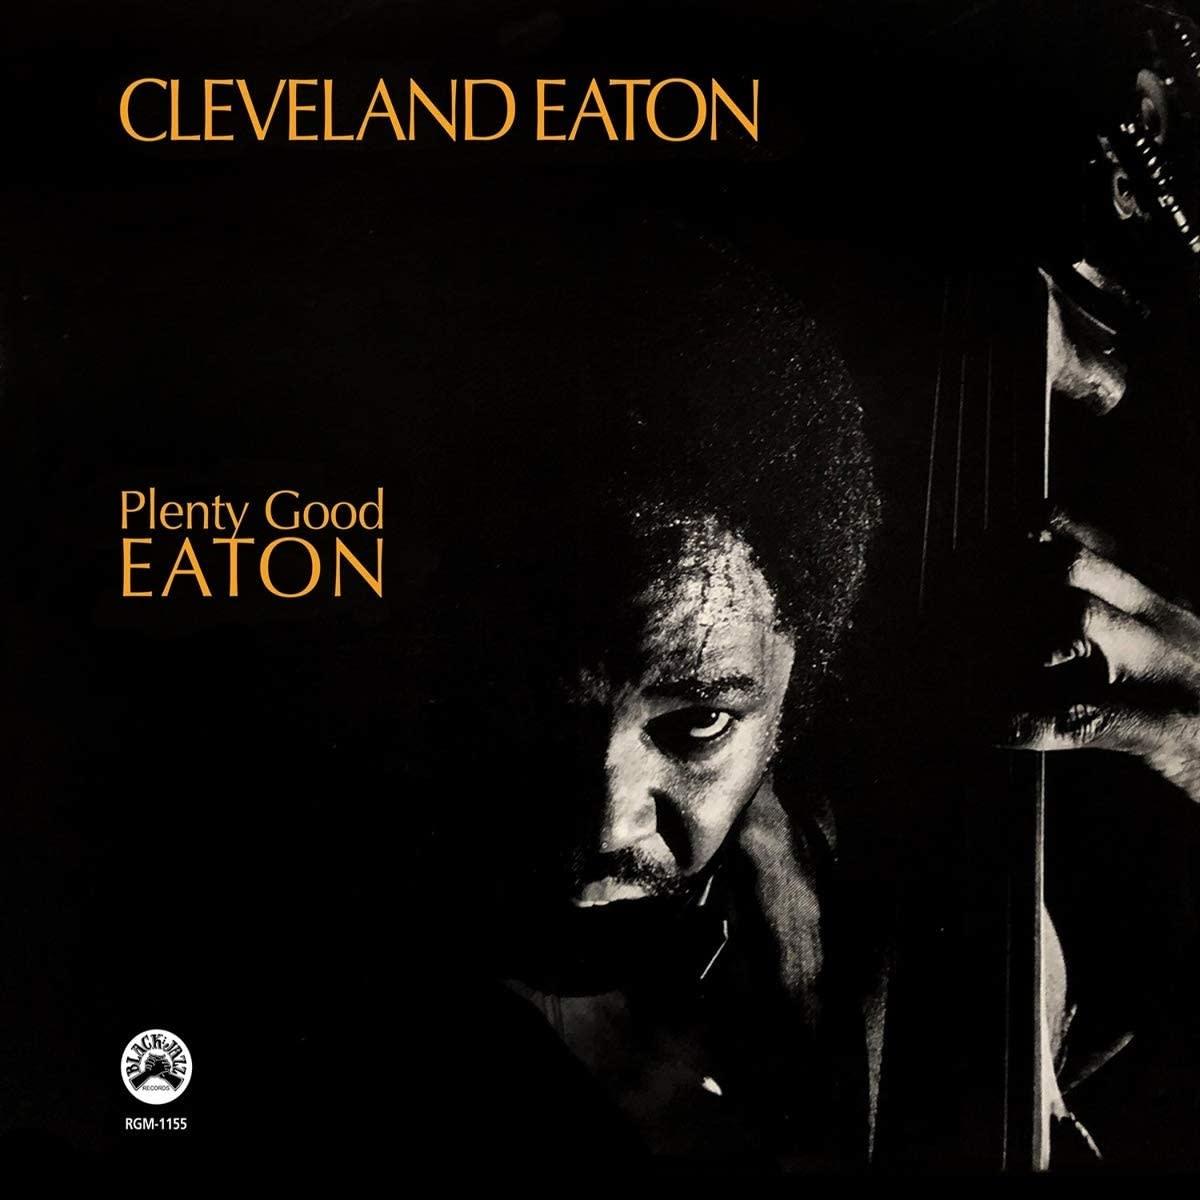 Cleveland Eaton – Plenty Good Eaton